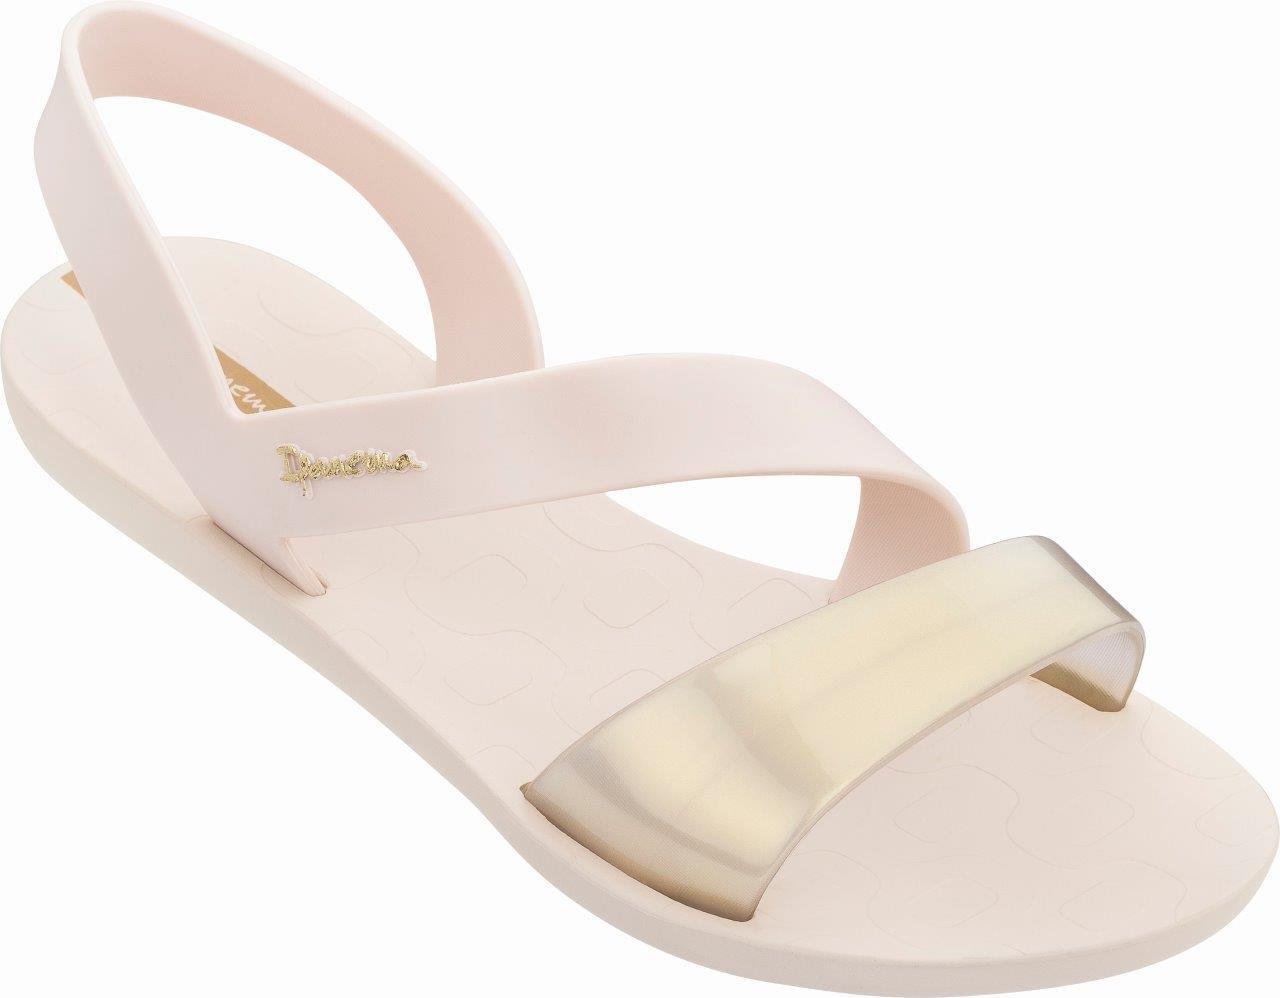 Ipanema Vibe Sandal Fem 780-20366 Beige/Beige Pearly